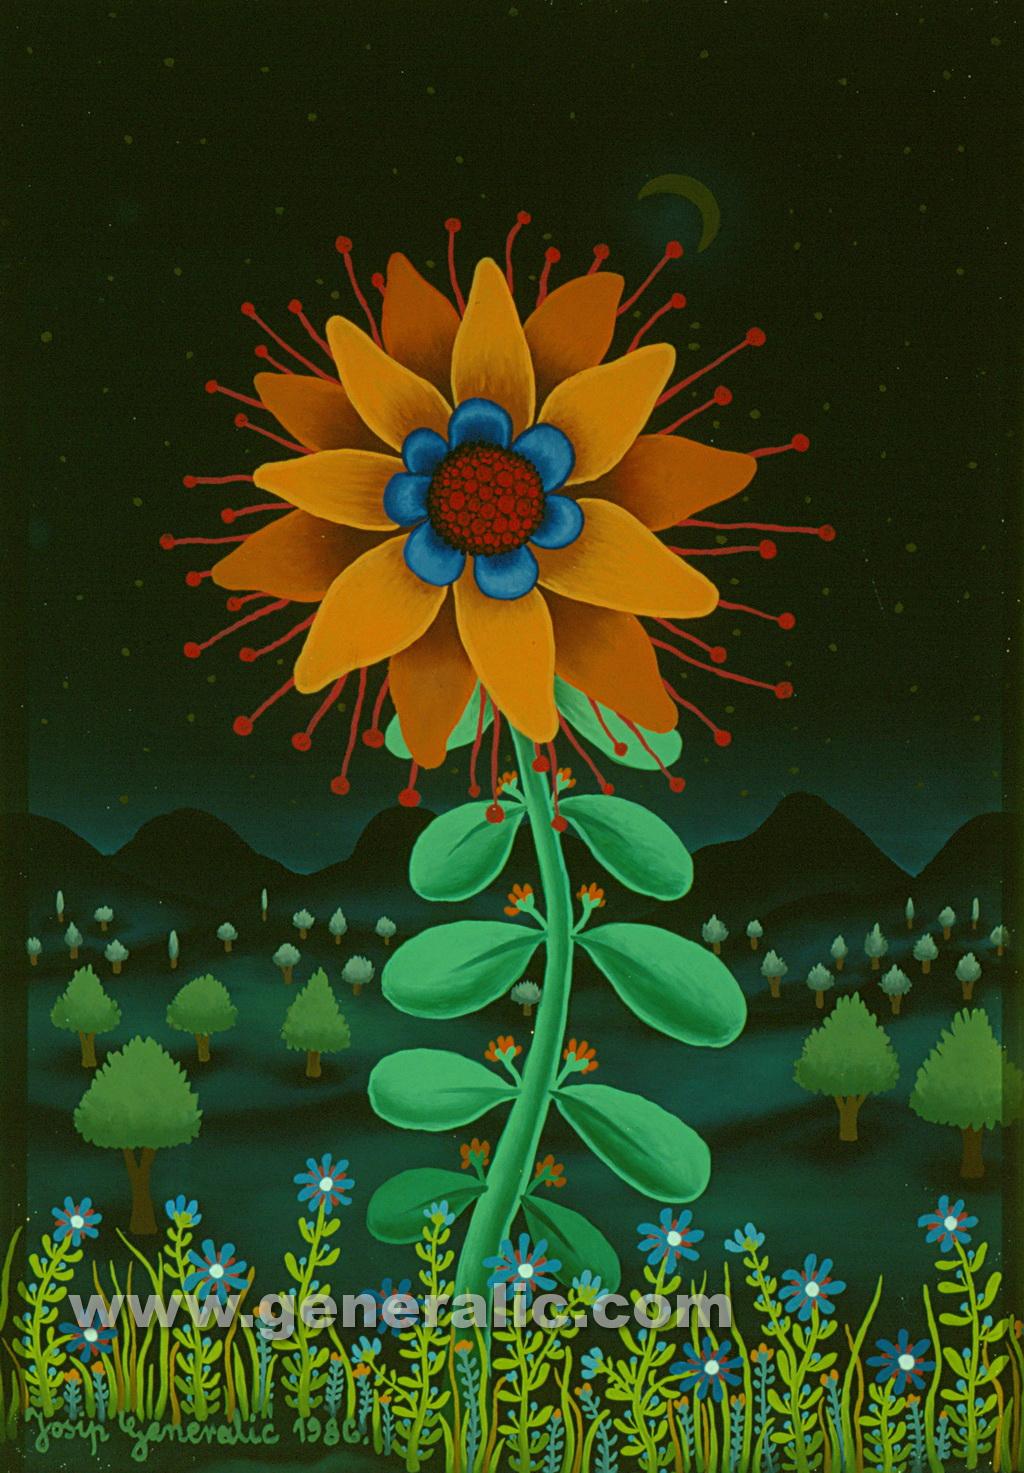 Josip Generalic, 1986, Yellow flower, oil on glass